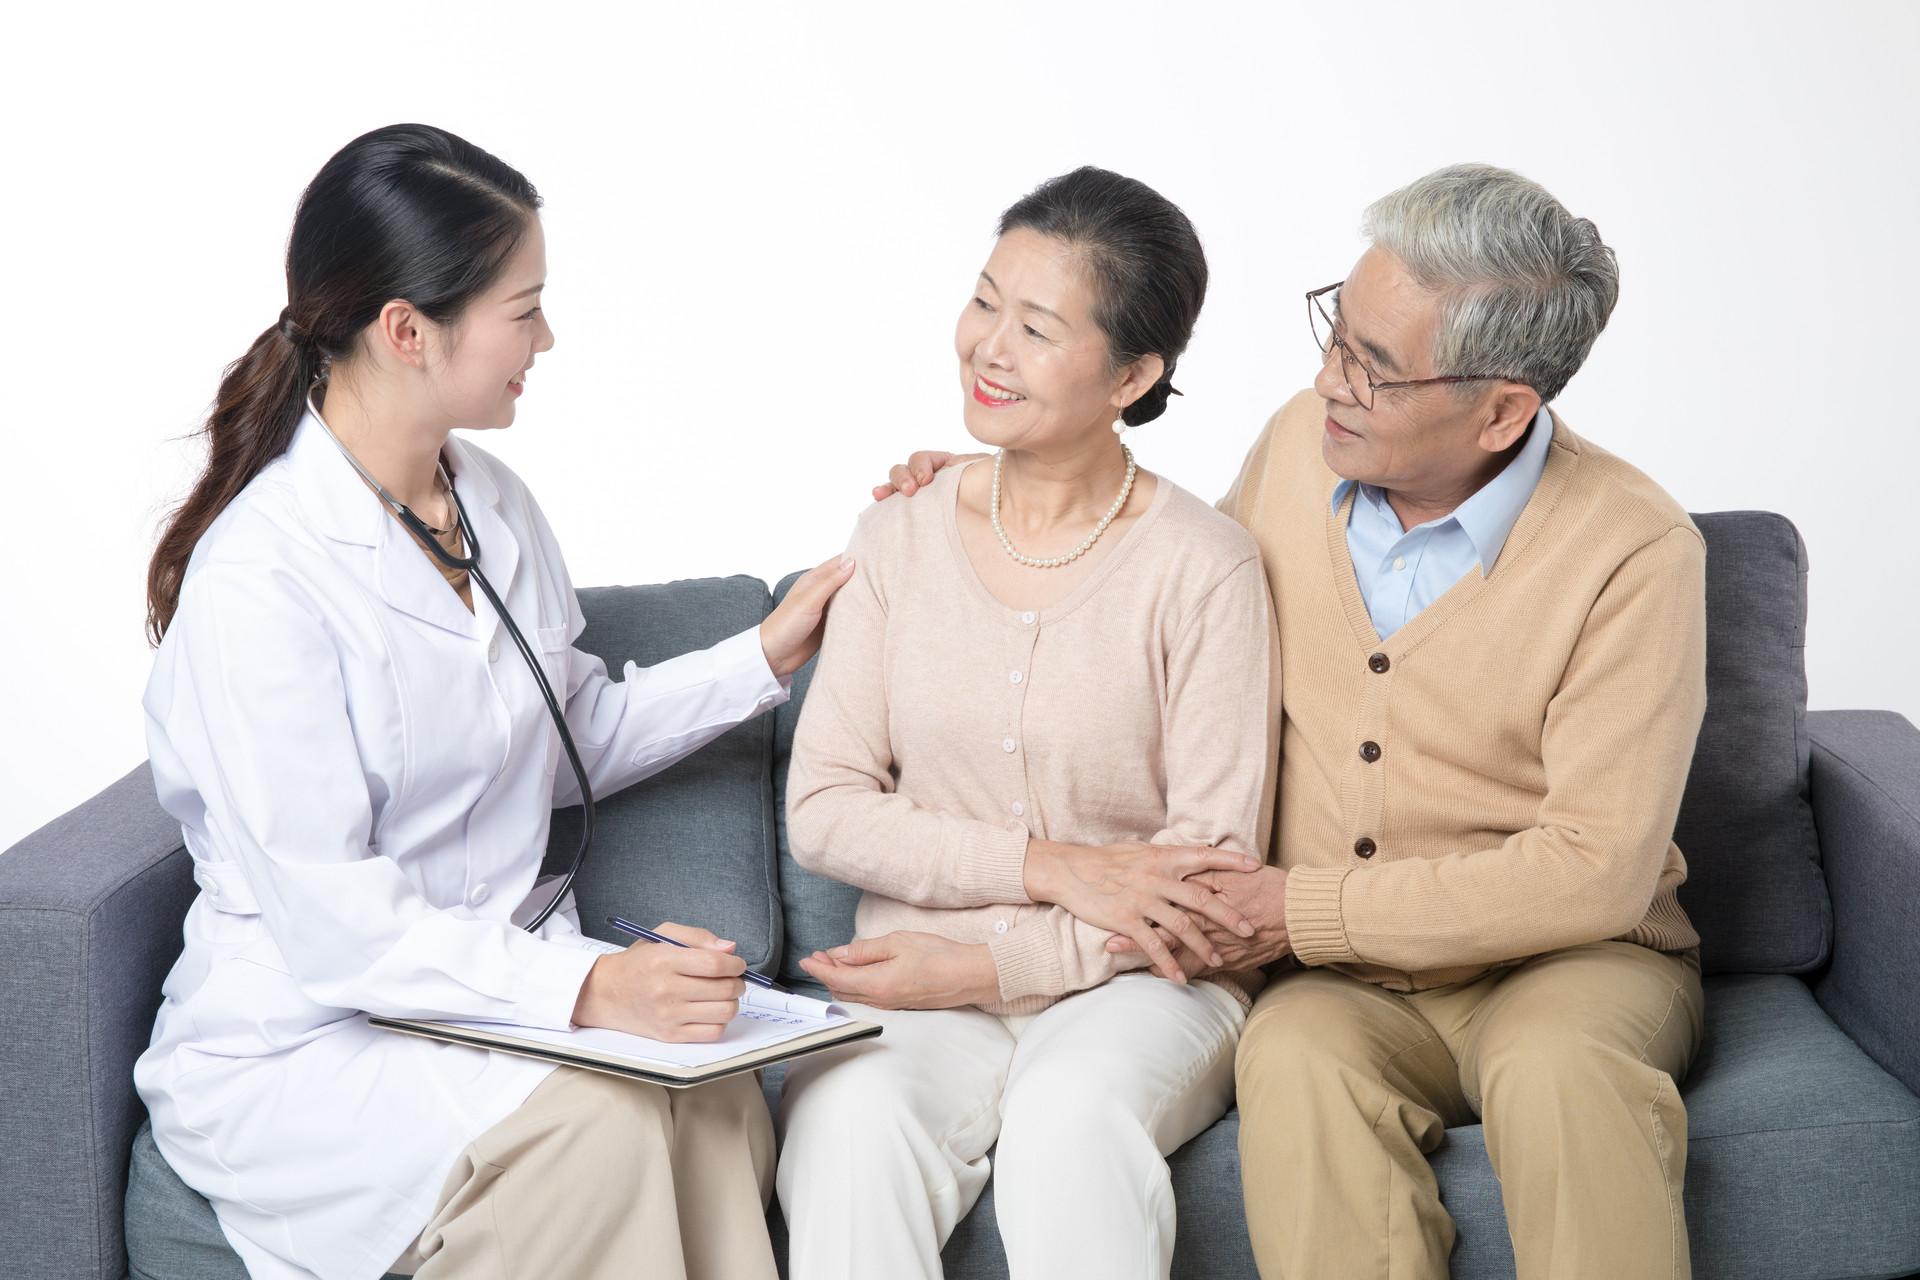 注意|高血压患者需警惕脑中风,牢记3个要点